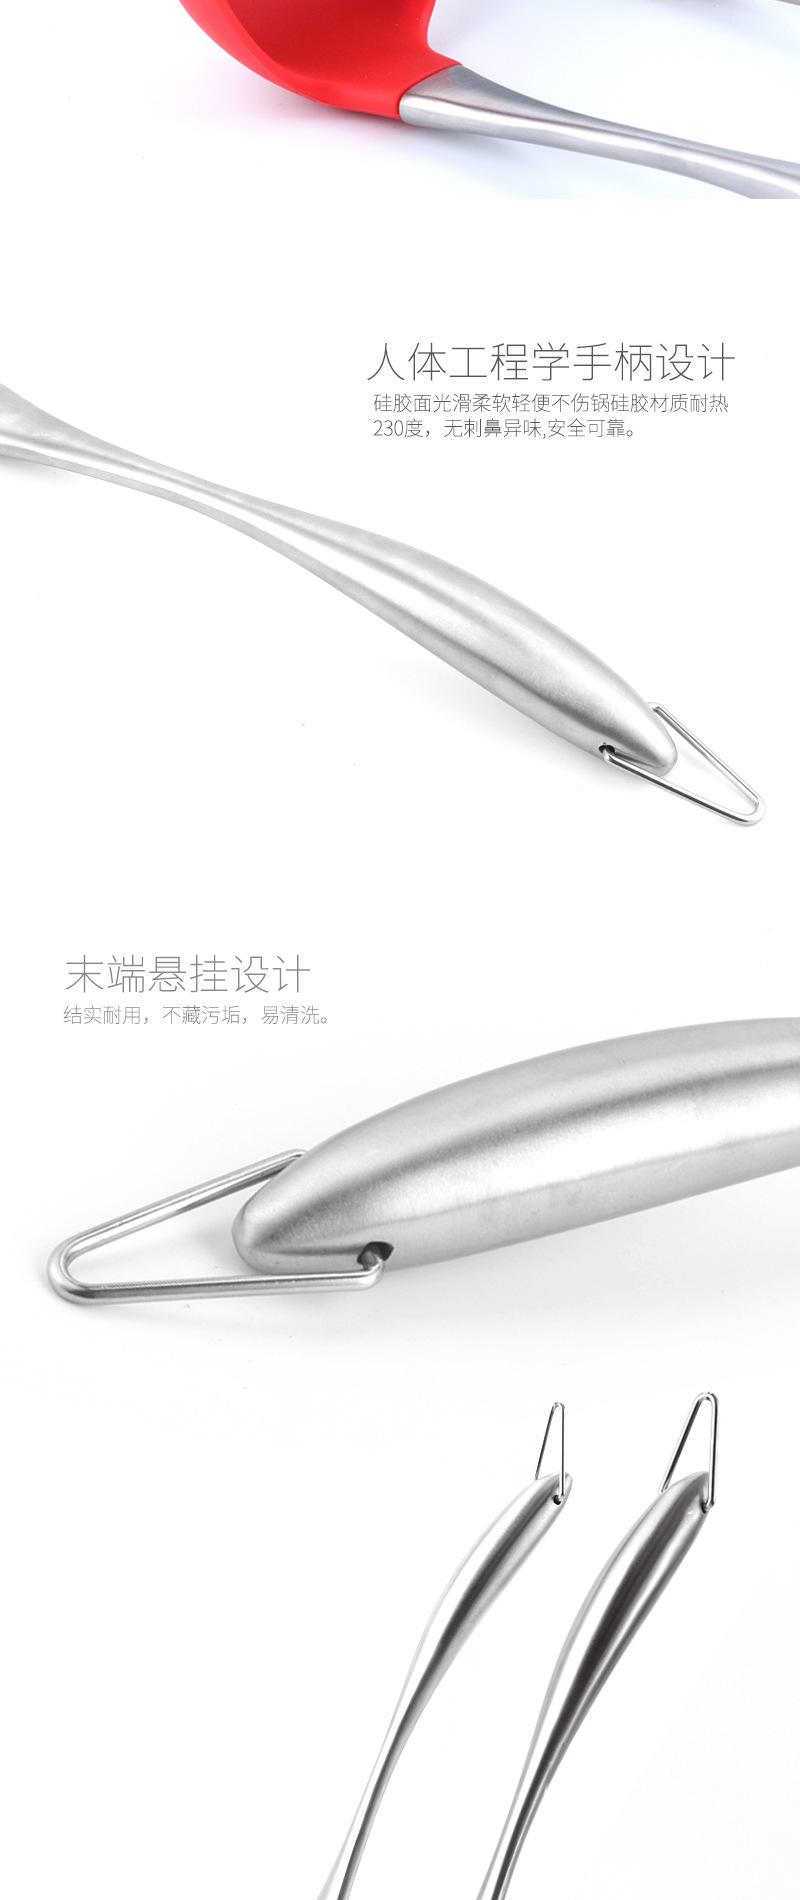 硅胶不锈钢柄汤勺,硅胶不锈钢长柄汤勺,硅胶不锈钢柄大号汤勺